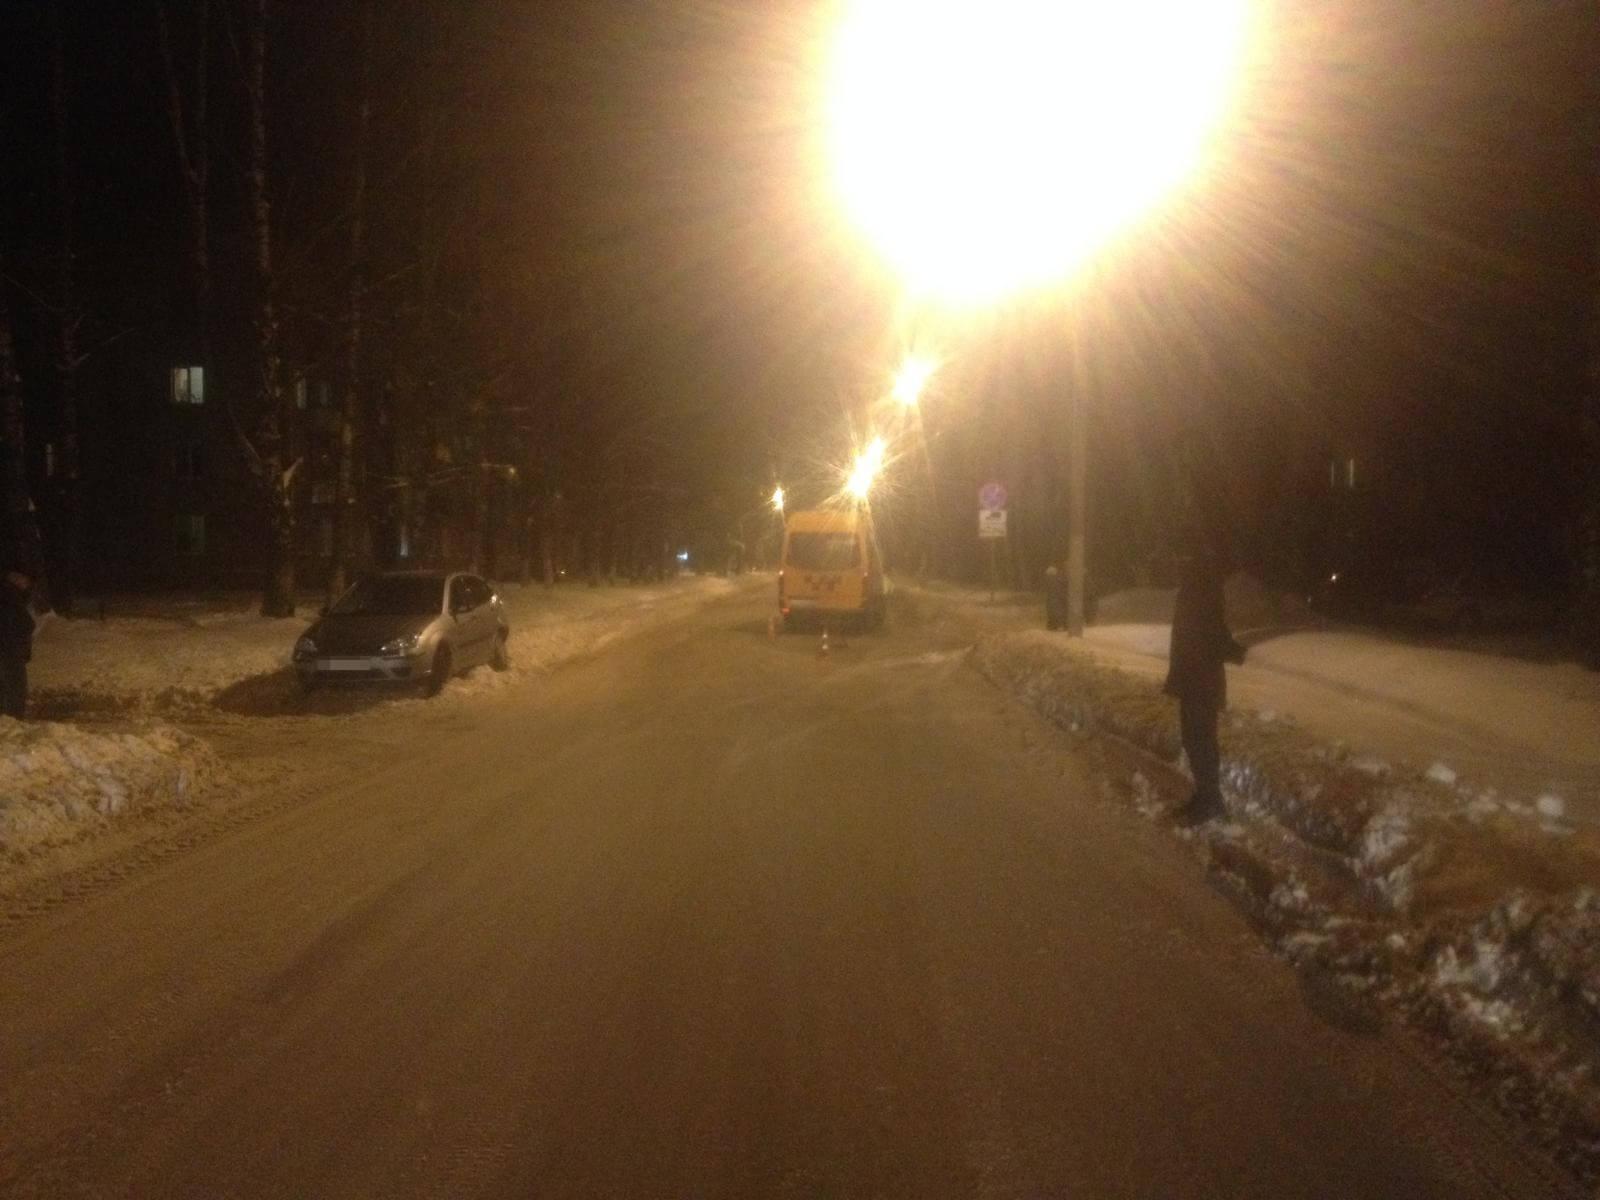 15 ноября в 4 ДТП в Тверской области пострадали 4 человека